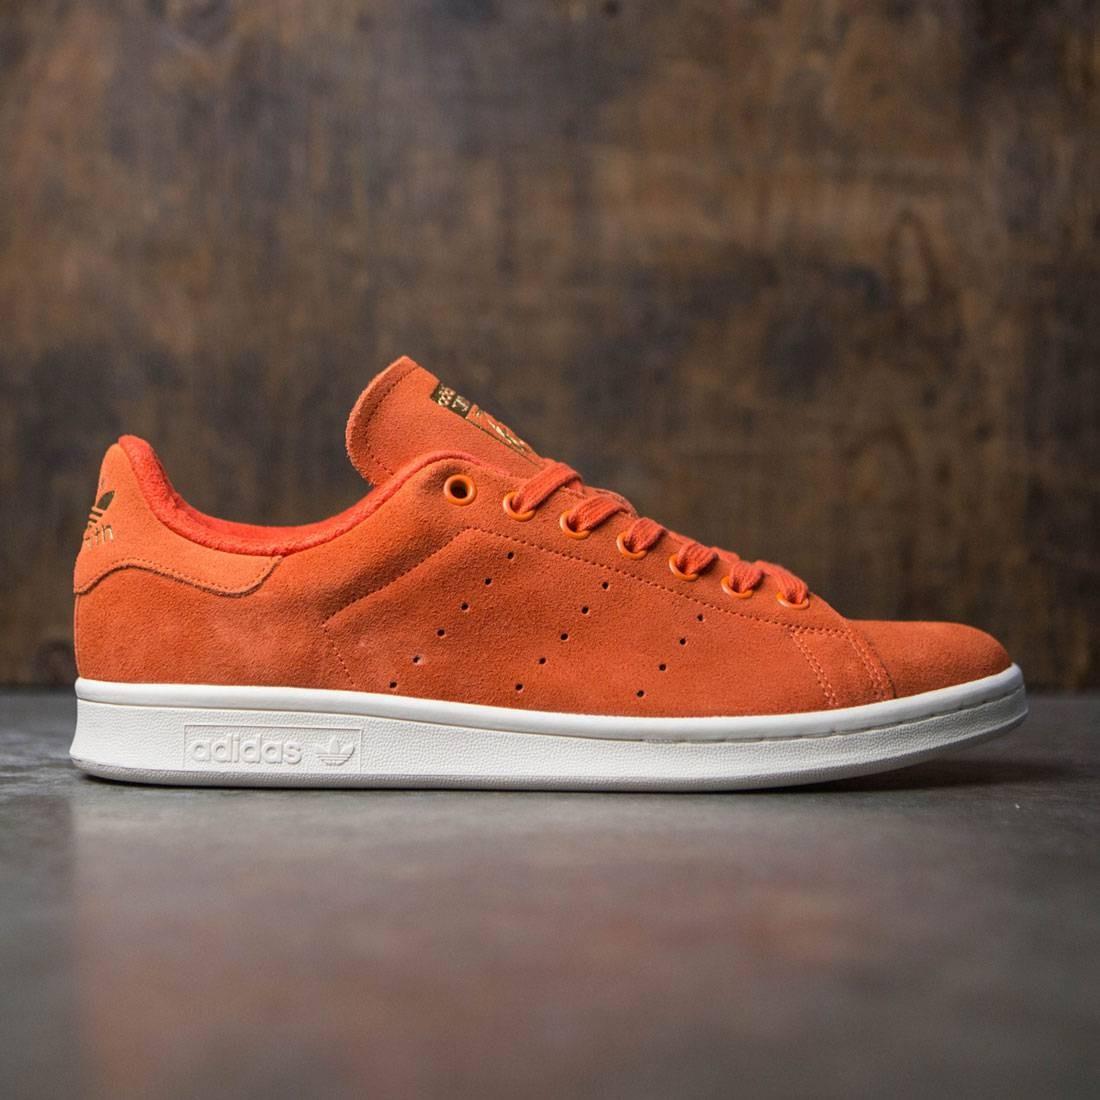 【海外限定】アディダス エナジー 橙 オレンジ 靴 メンズ靴 【 ADIDAS ORANGE MEN STAN SMITH ENERGY MATTE GOLD 】